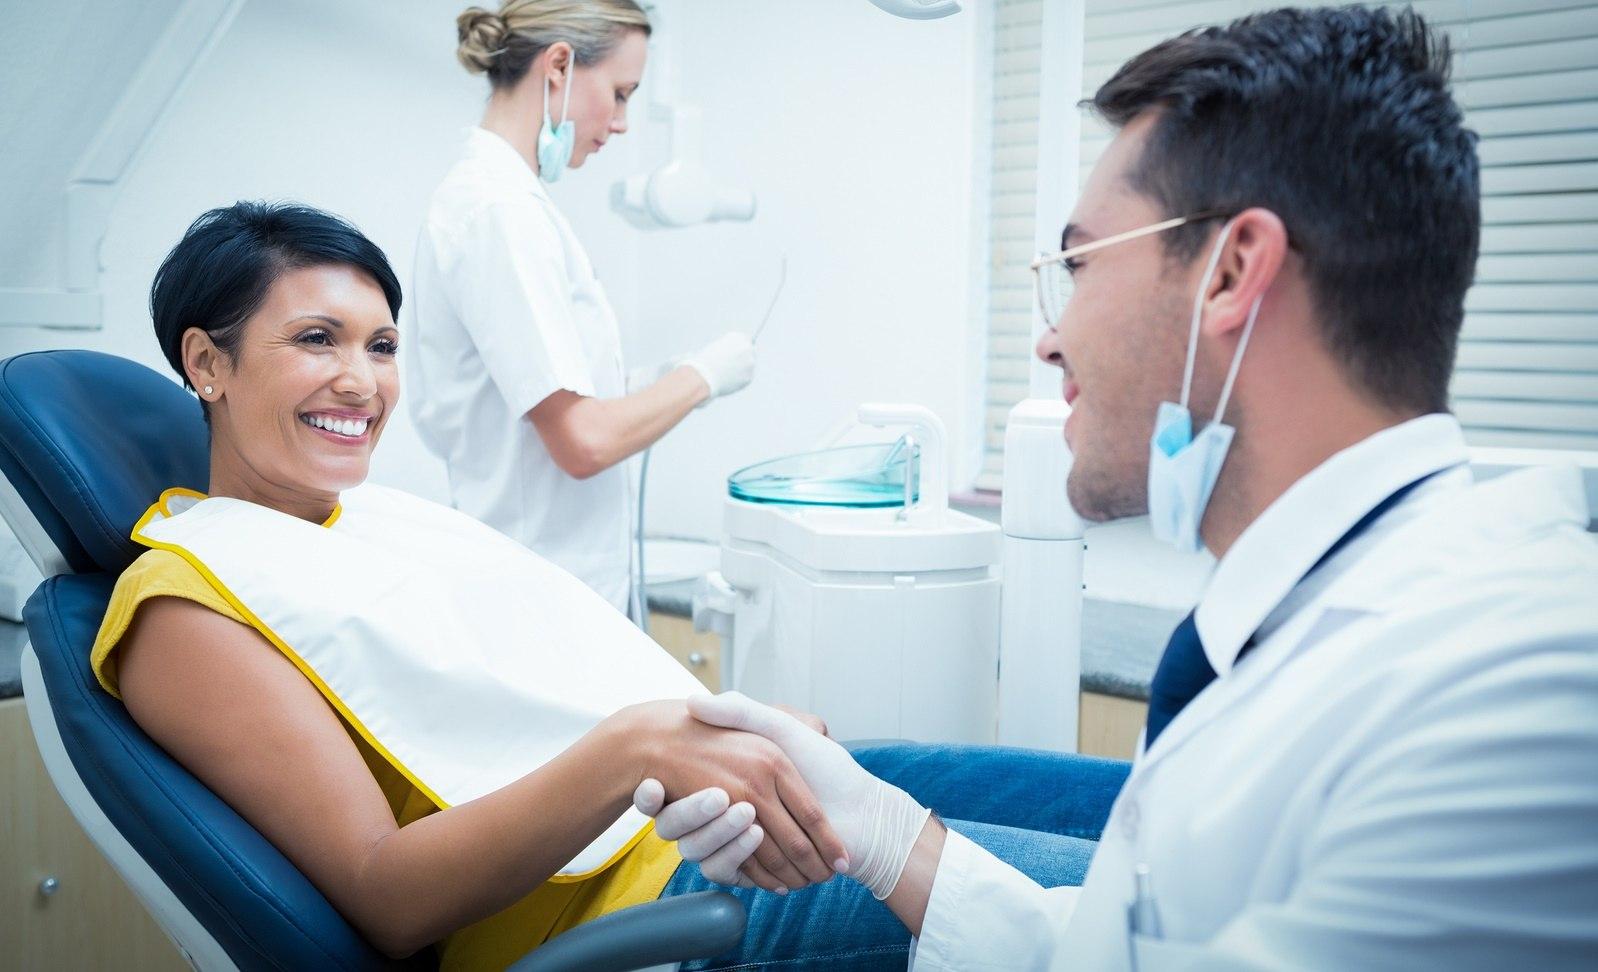 Что делает менеджер стоматологического кабинета?